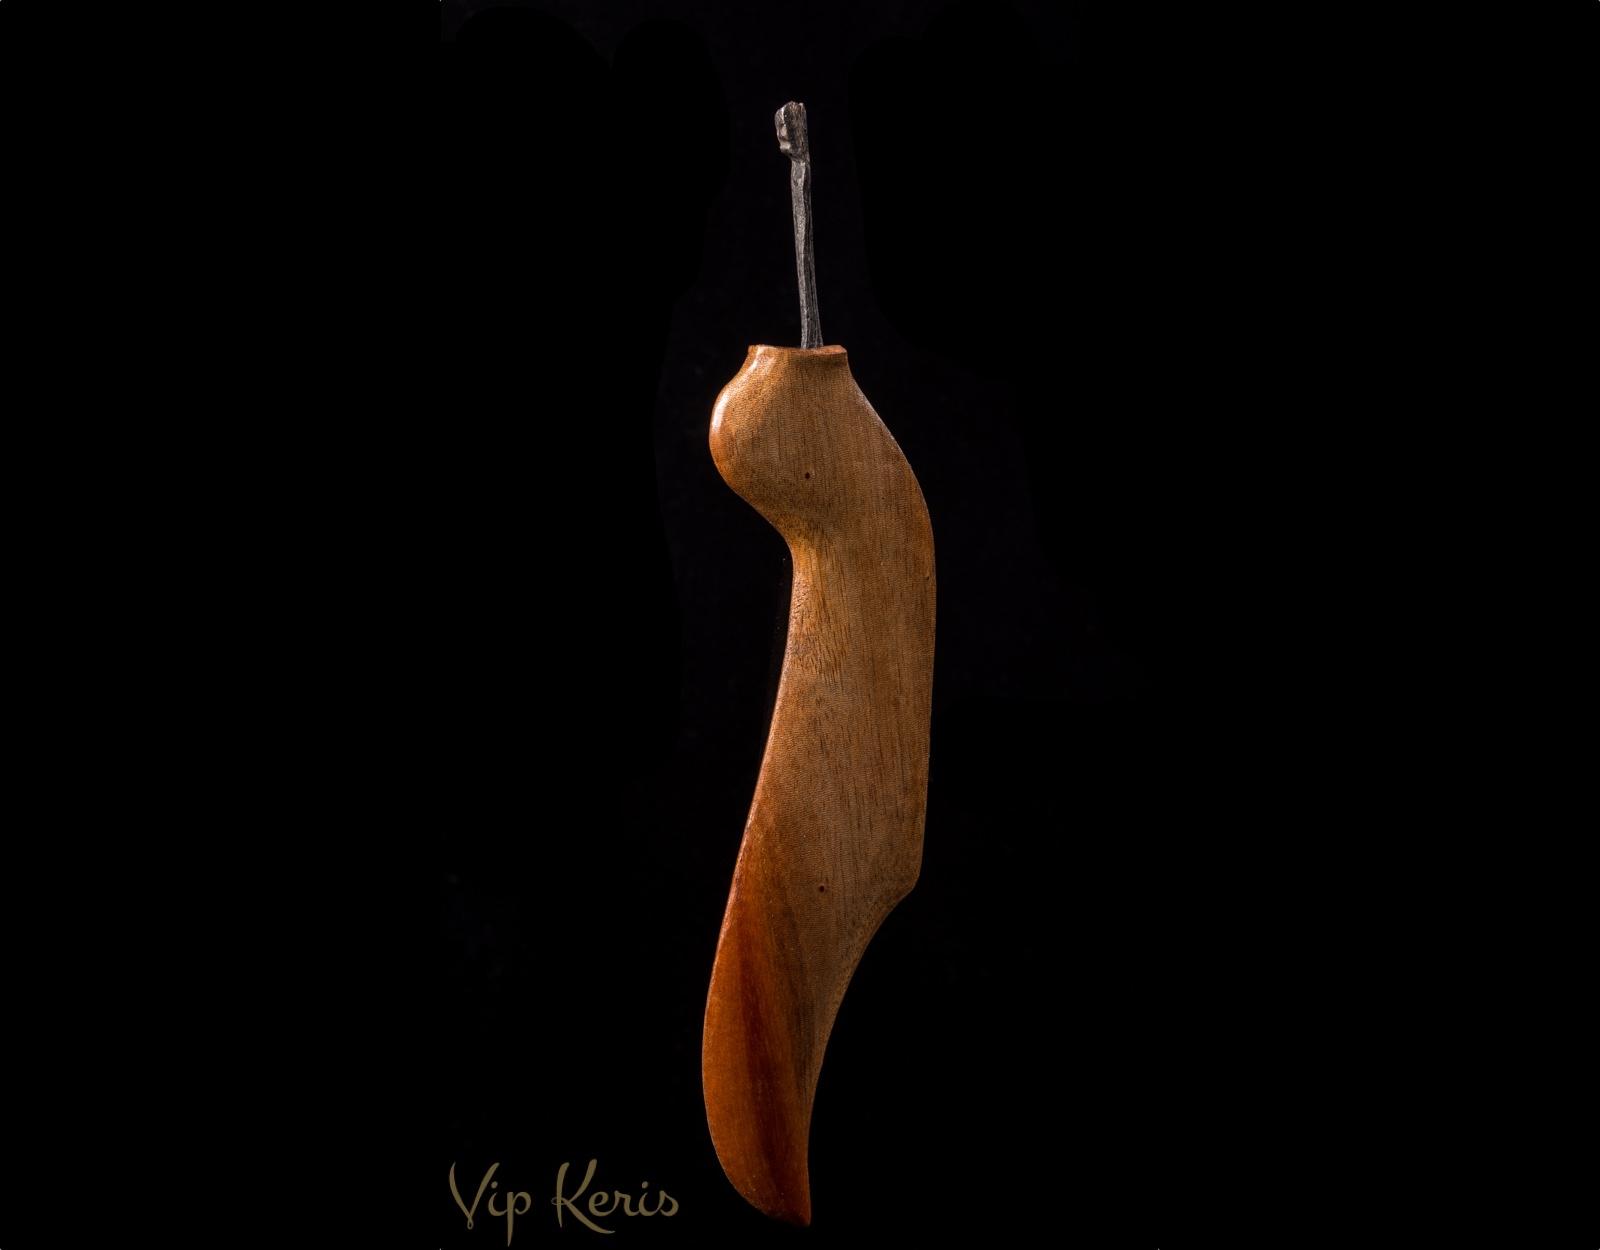 Нож Крис Sajen Kudi, стихия воздух. фото VipKeris